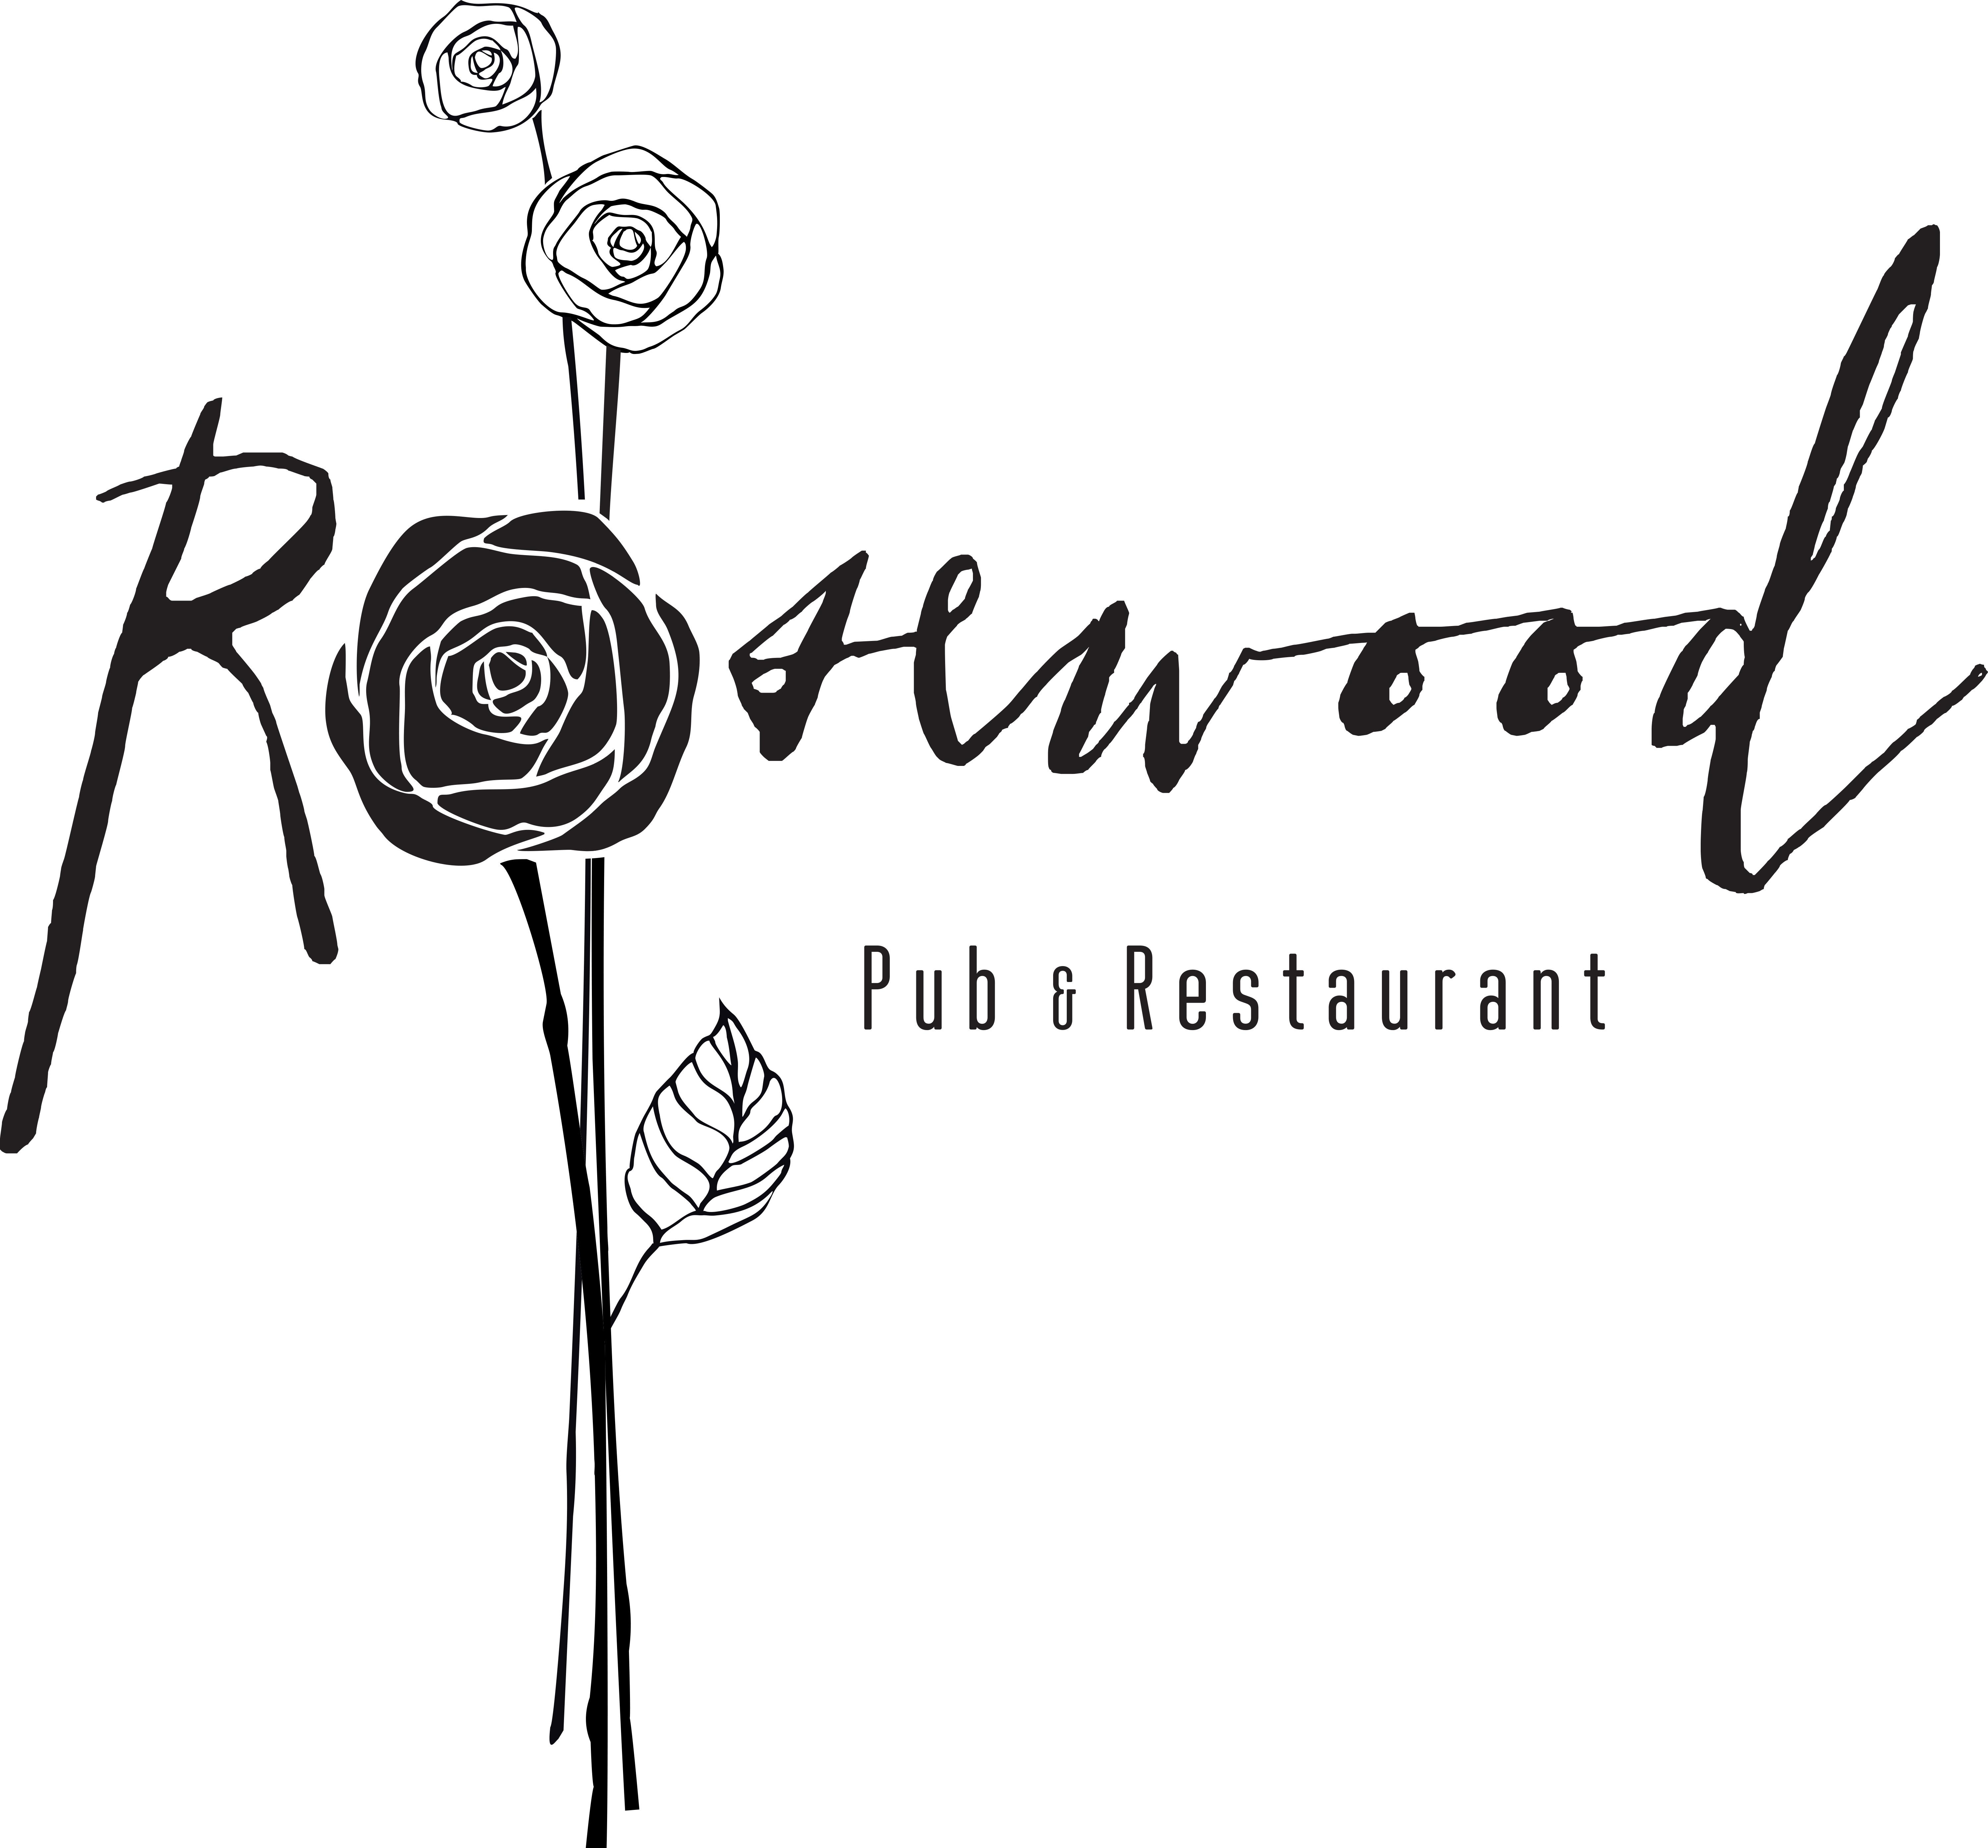 ROSEWOOD_SCREEN